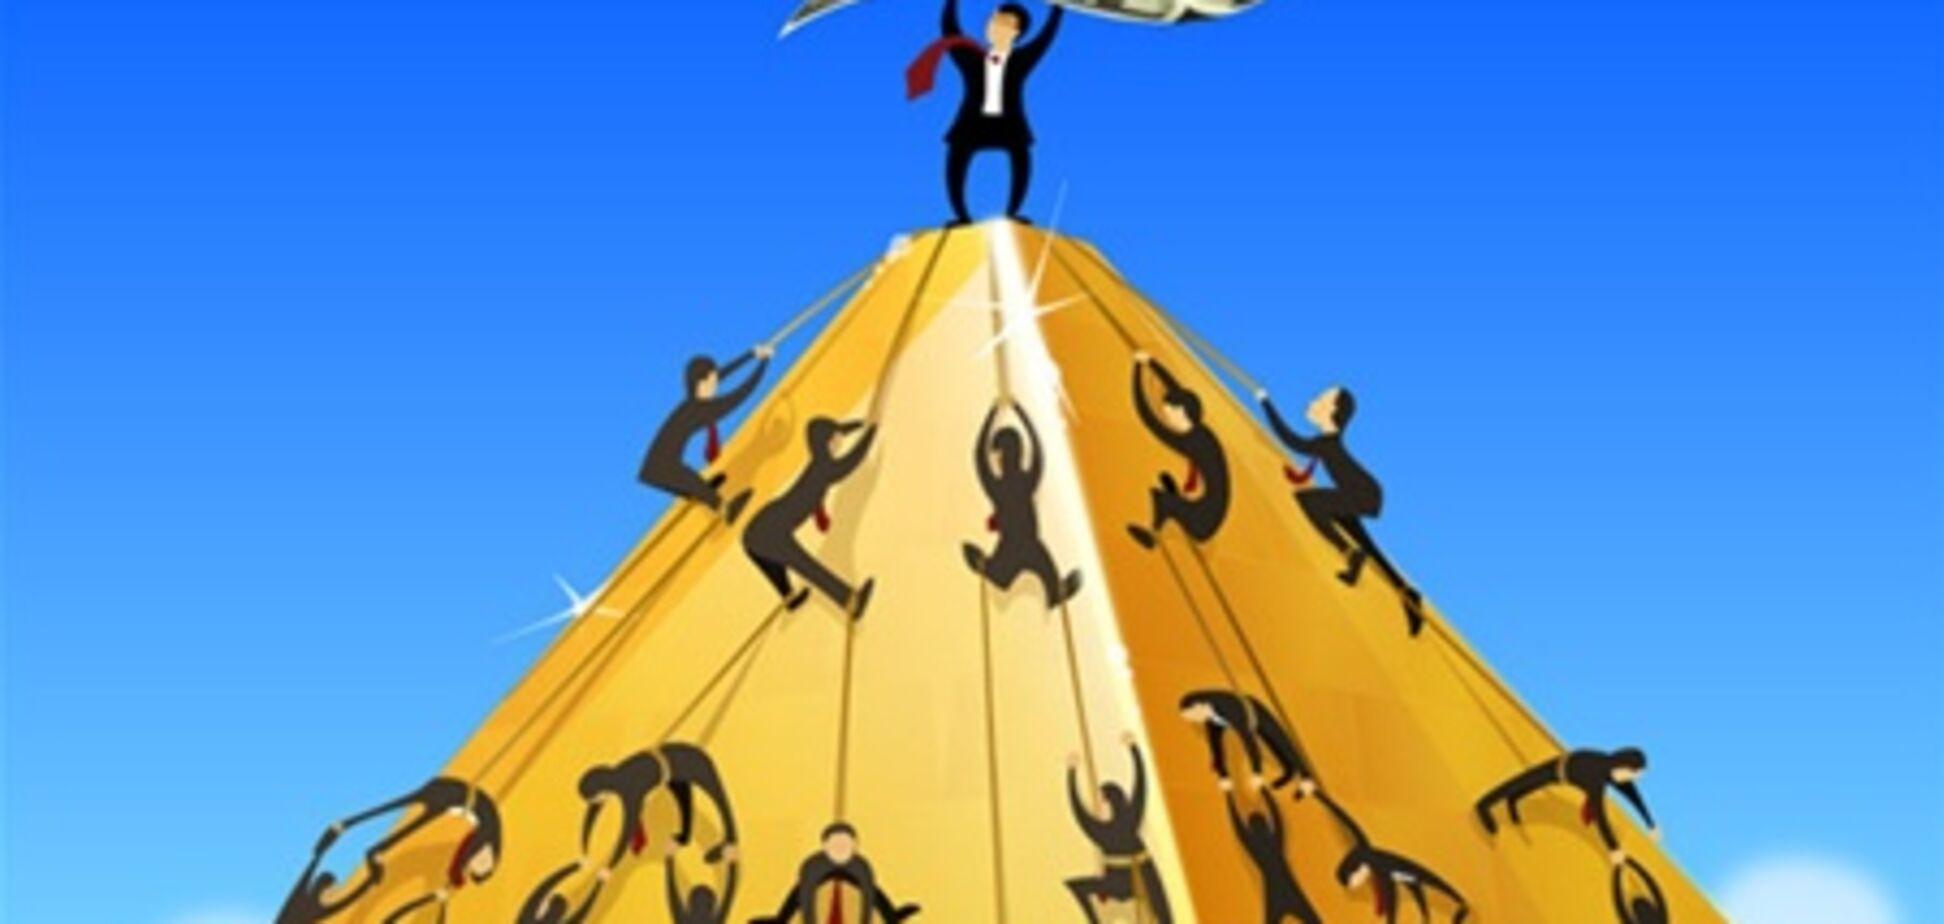 Житель Винницы обманул 20 человек, организовав финансовую пирамиду